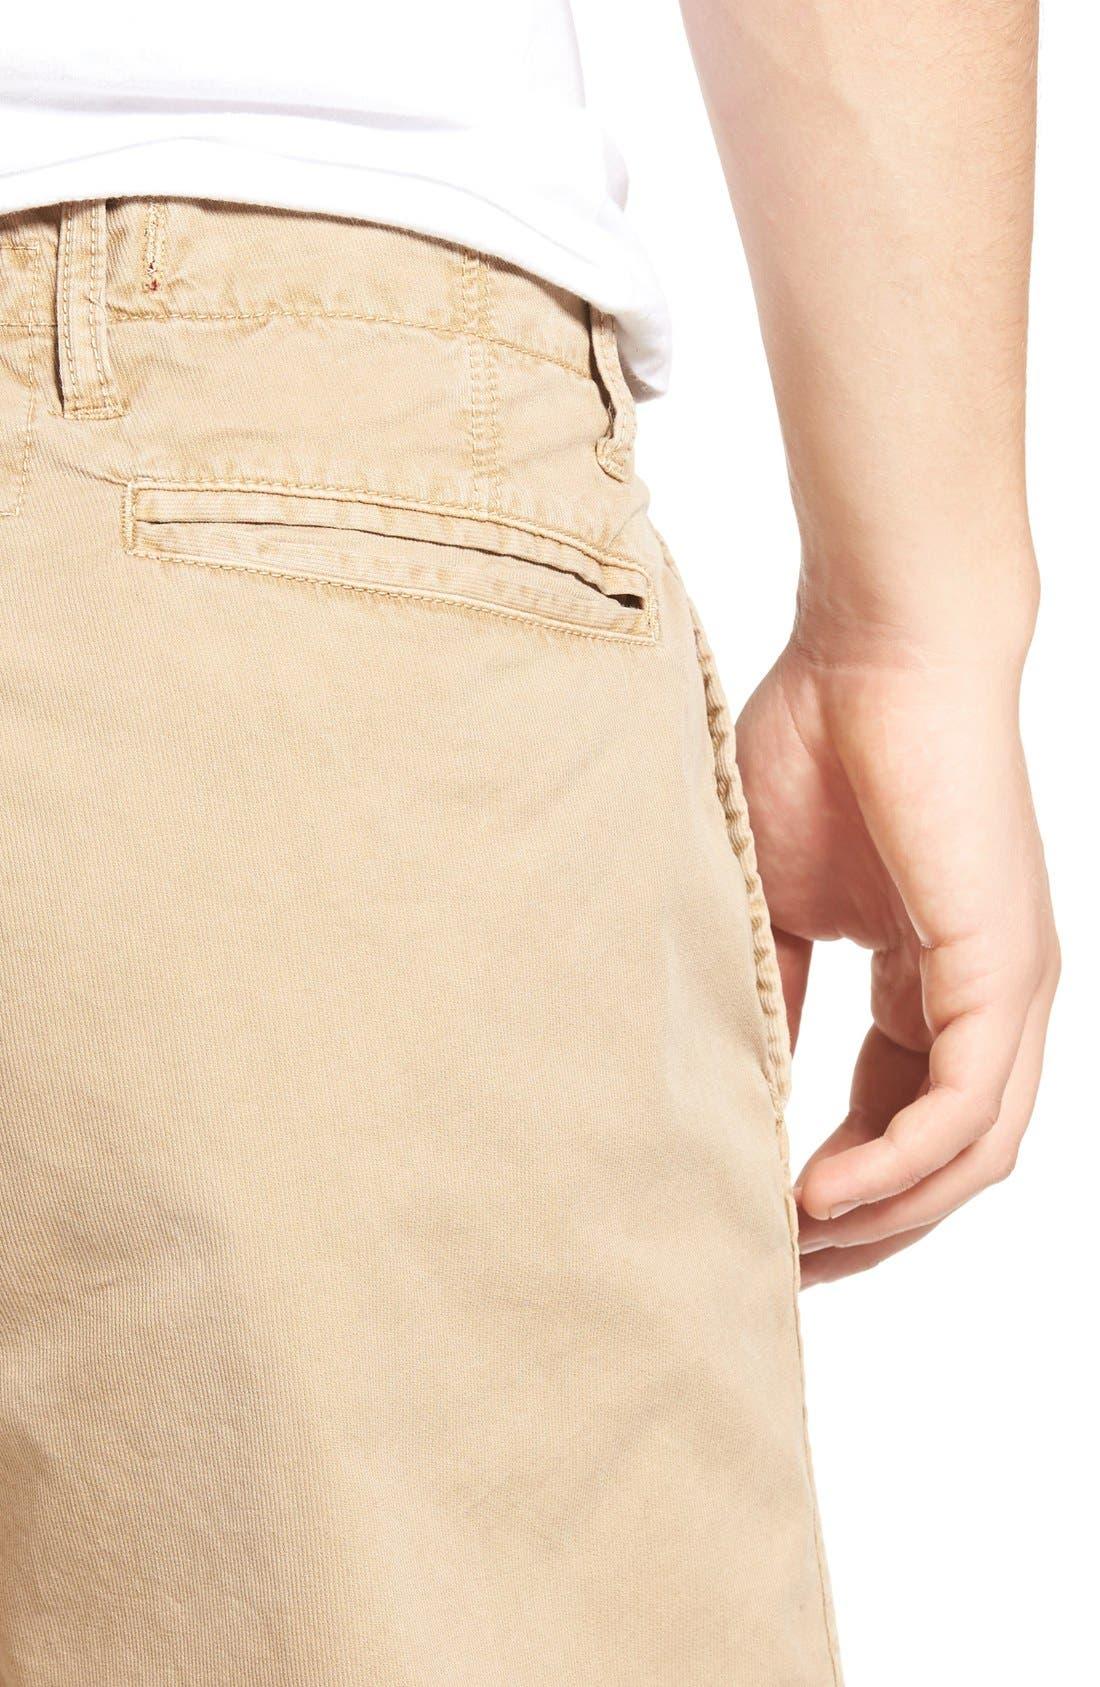 St. Martin Bedford Cord Shorts,                             Alternate thumbnail 4, color,                             Khaki